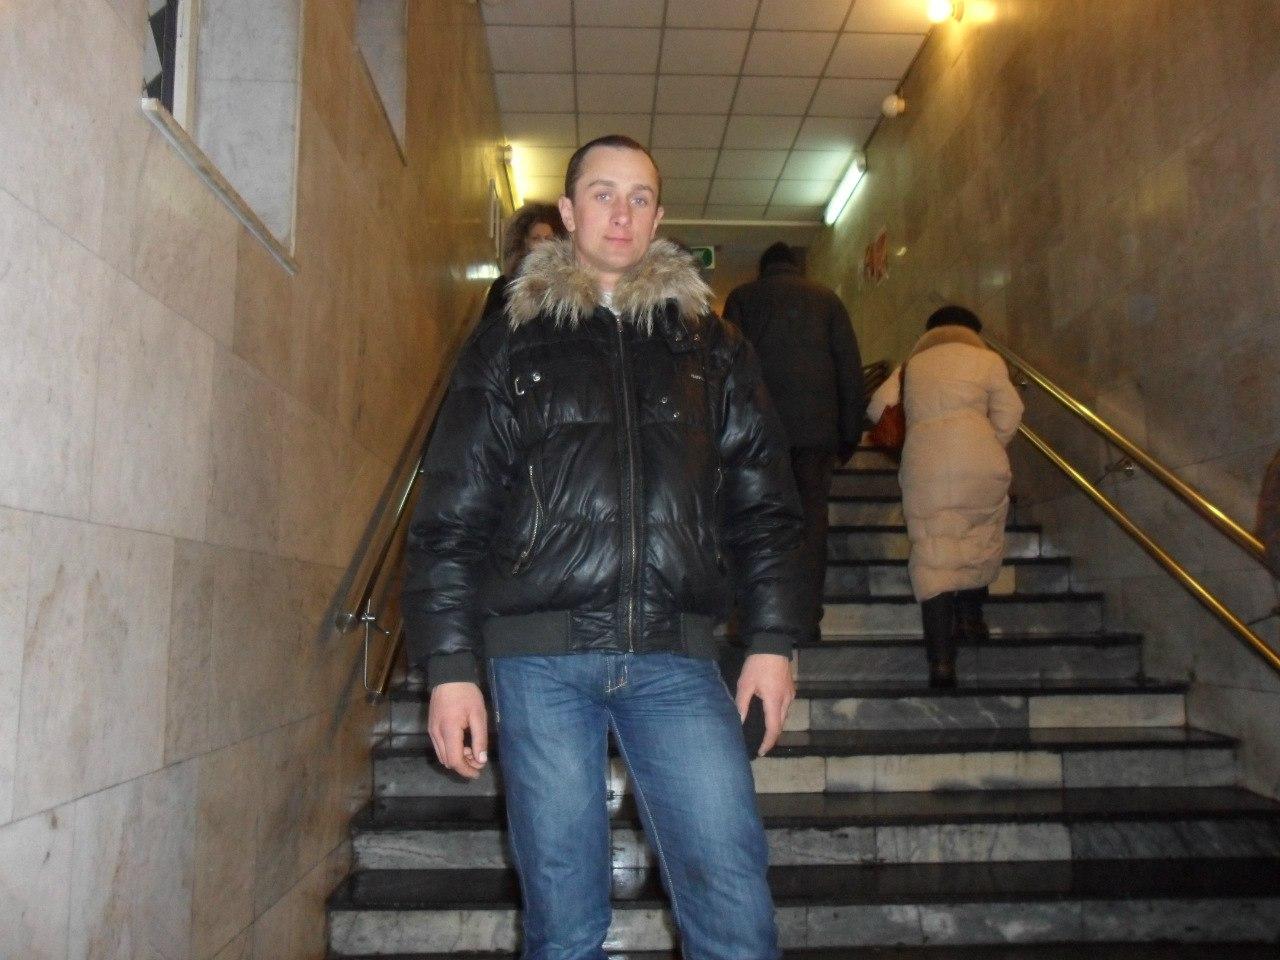 Віталій Стельникович, боєць 30-ї ОМБ ЗСУ. Світлина з персональної сторінки Вконтакті.